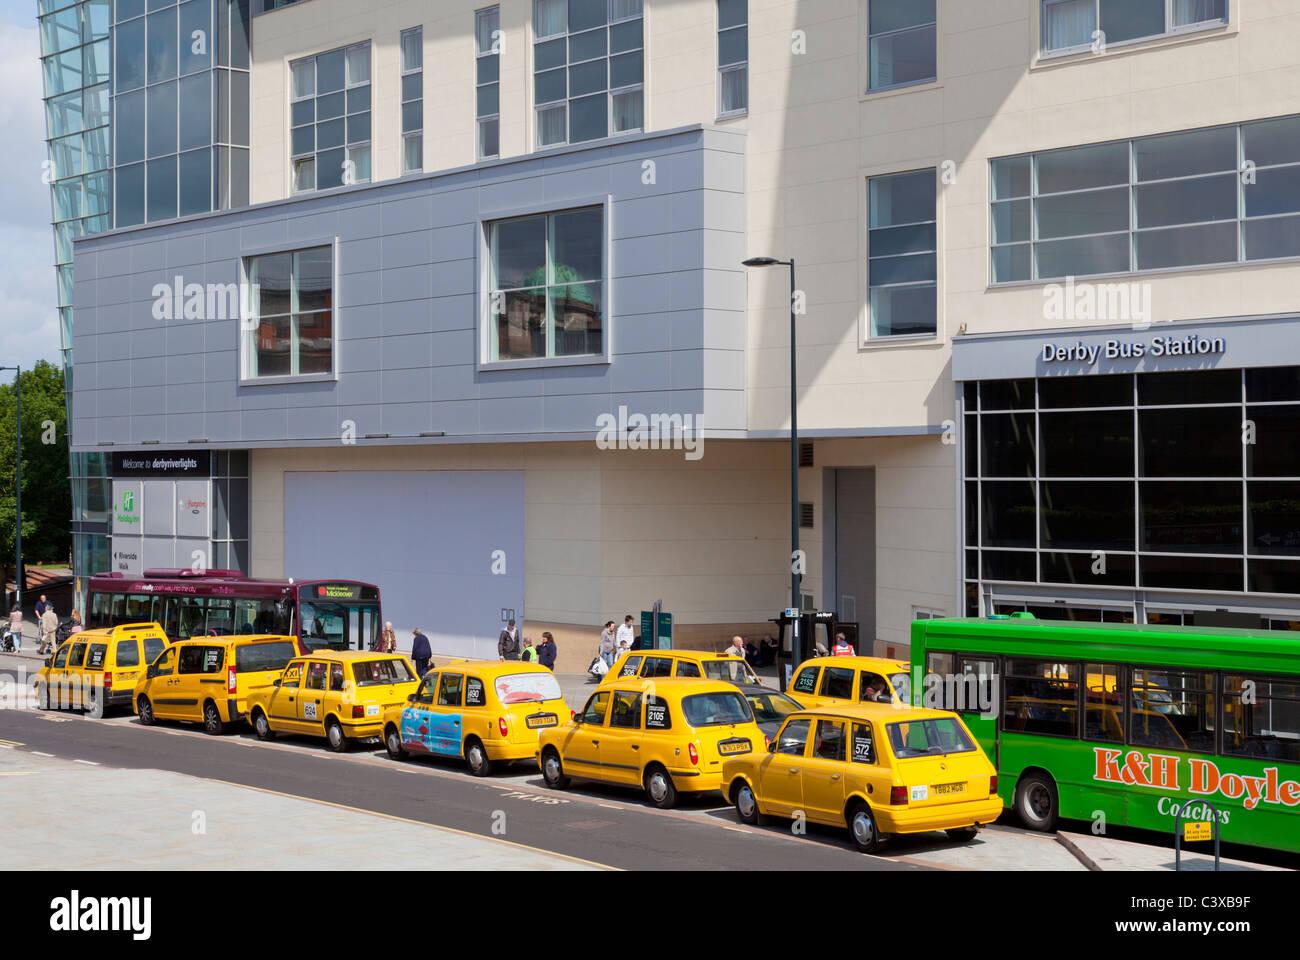 La estación de autobuses de Derby con amarillo taxis y autobuses en un día ajetreado Morledge la cabina Imagen De Stock